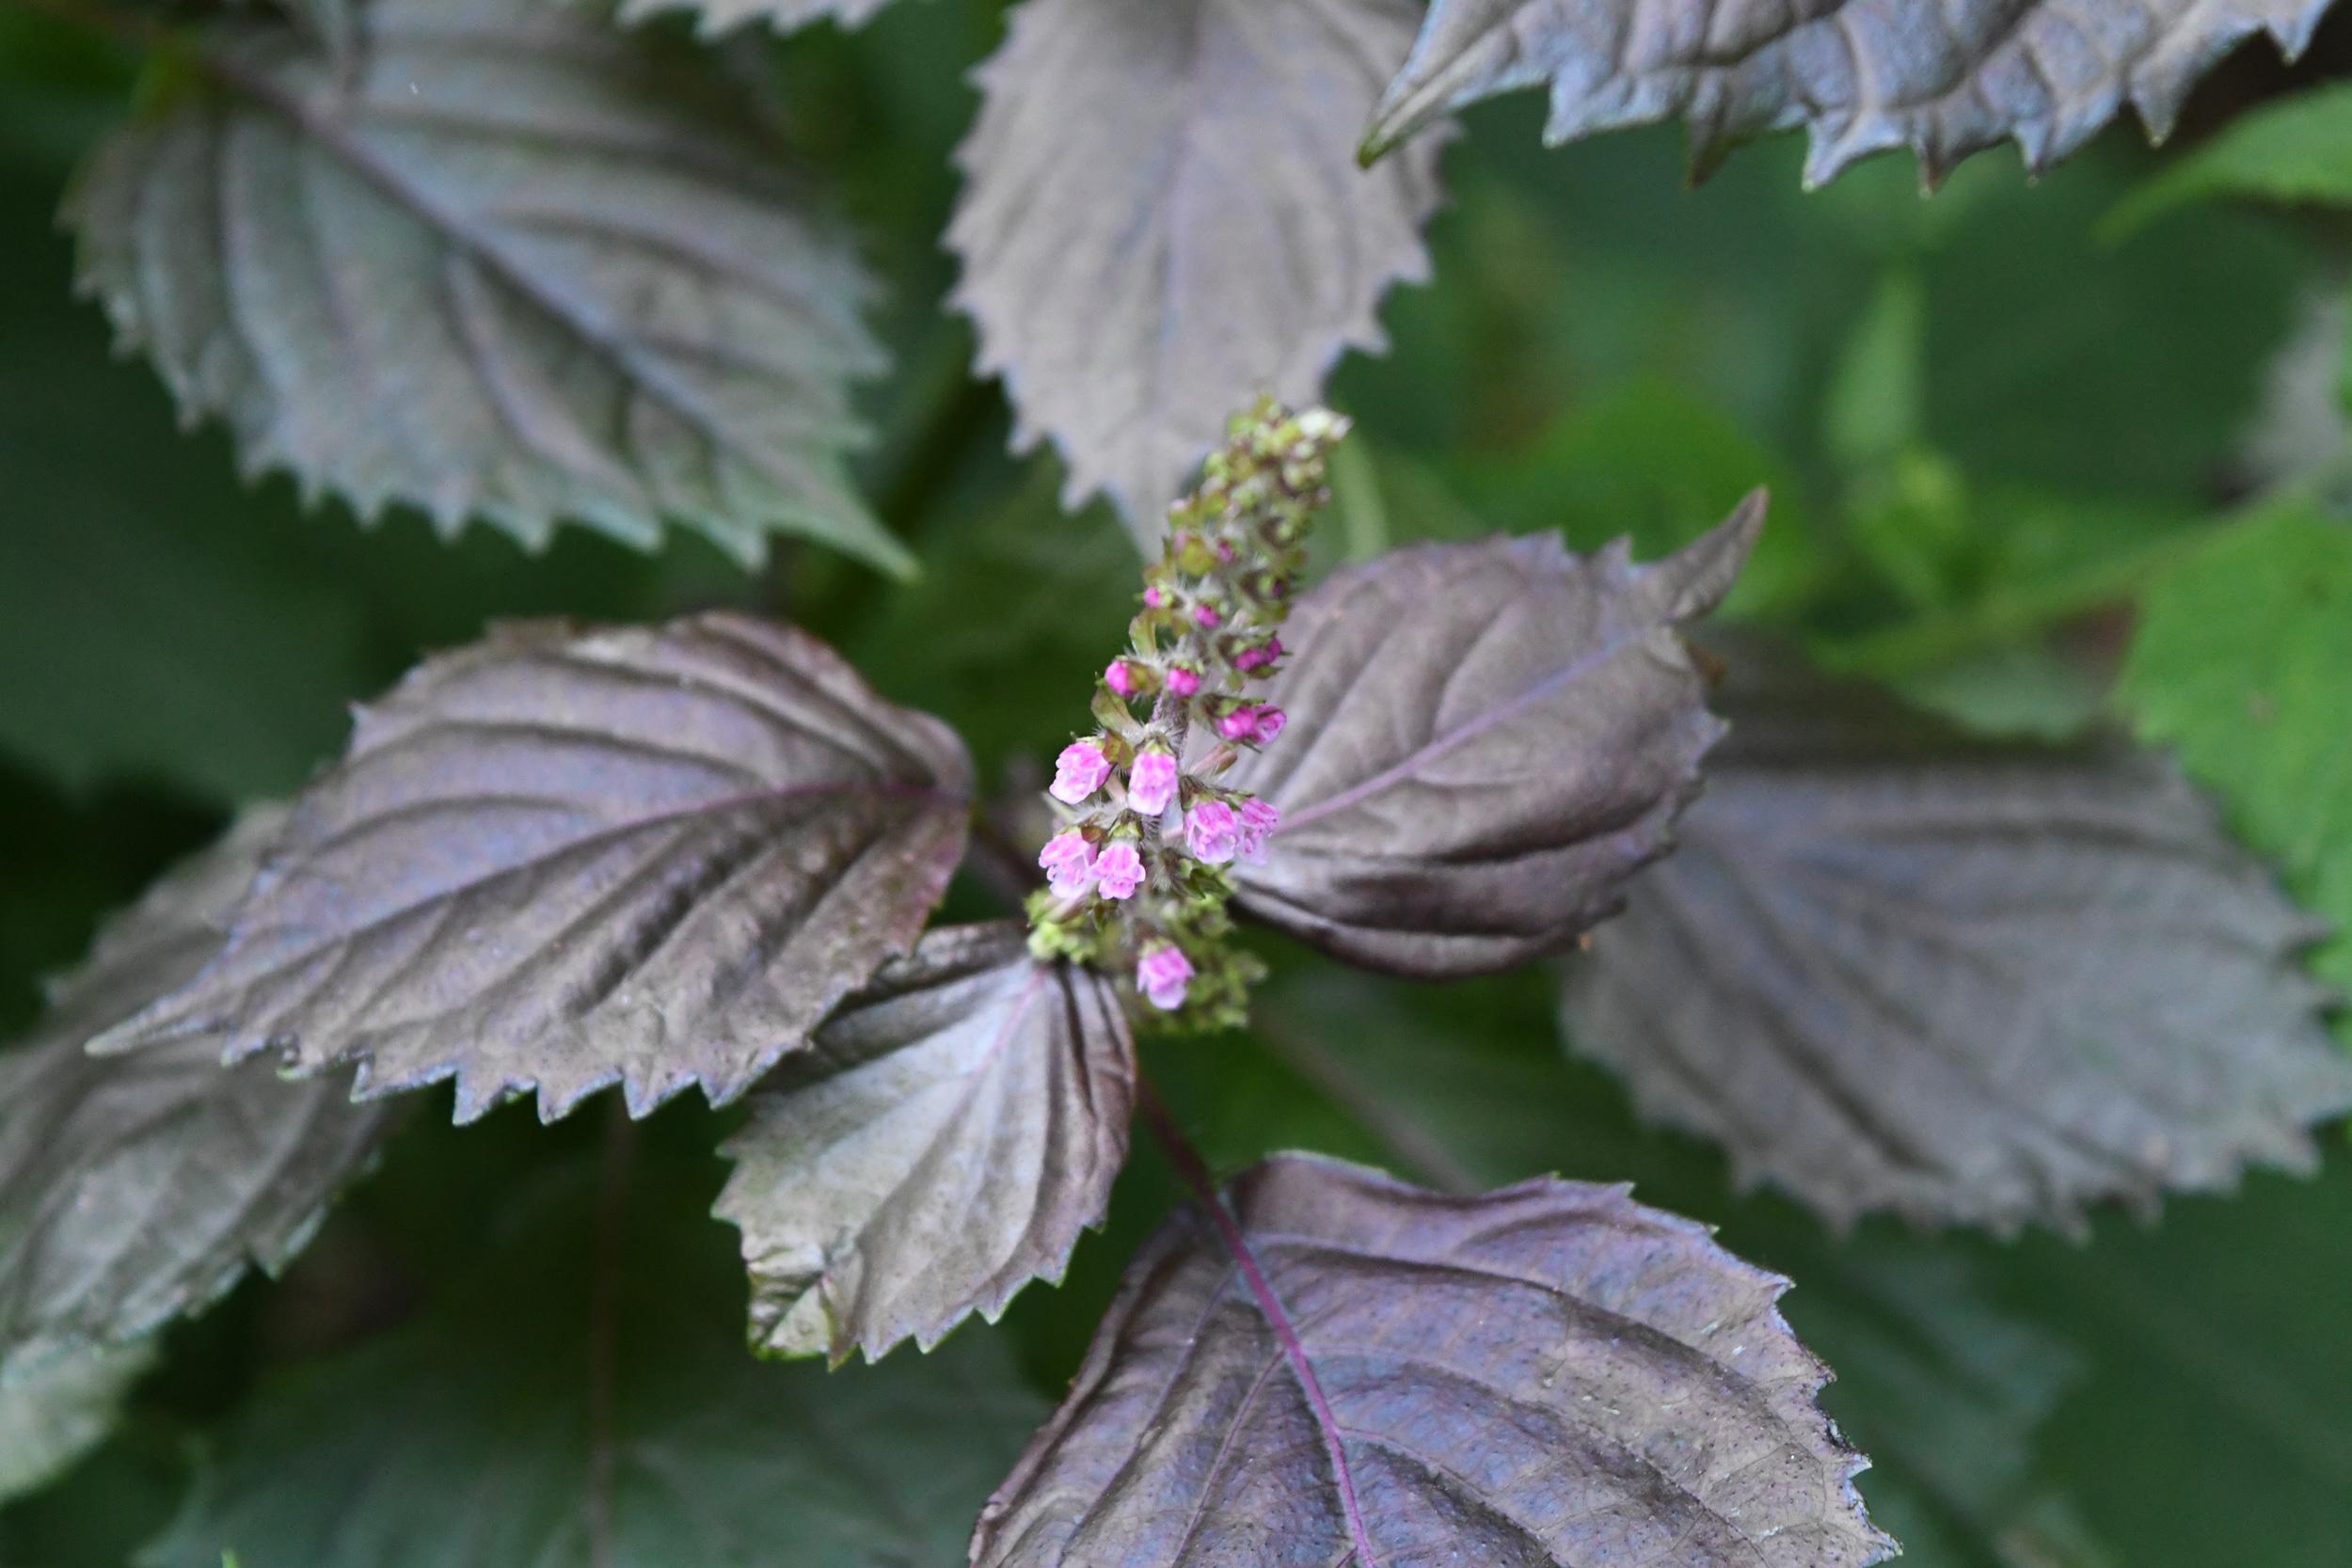 Pink spiked flower, Prospect Park